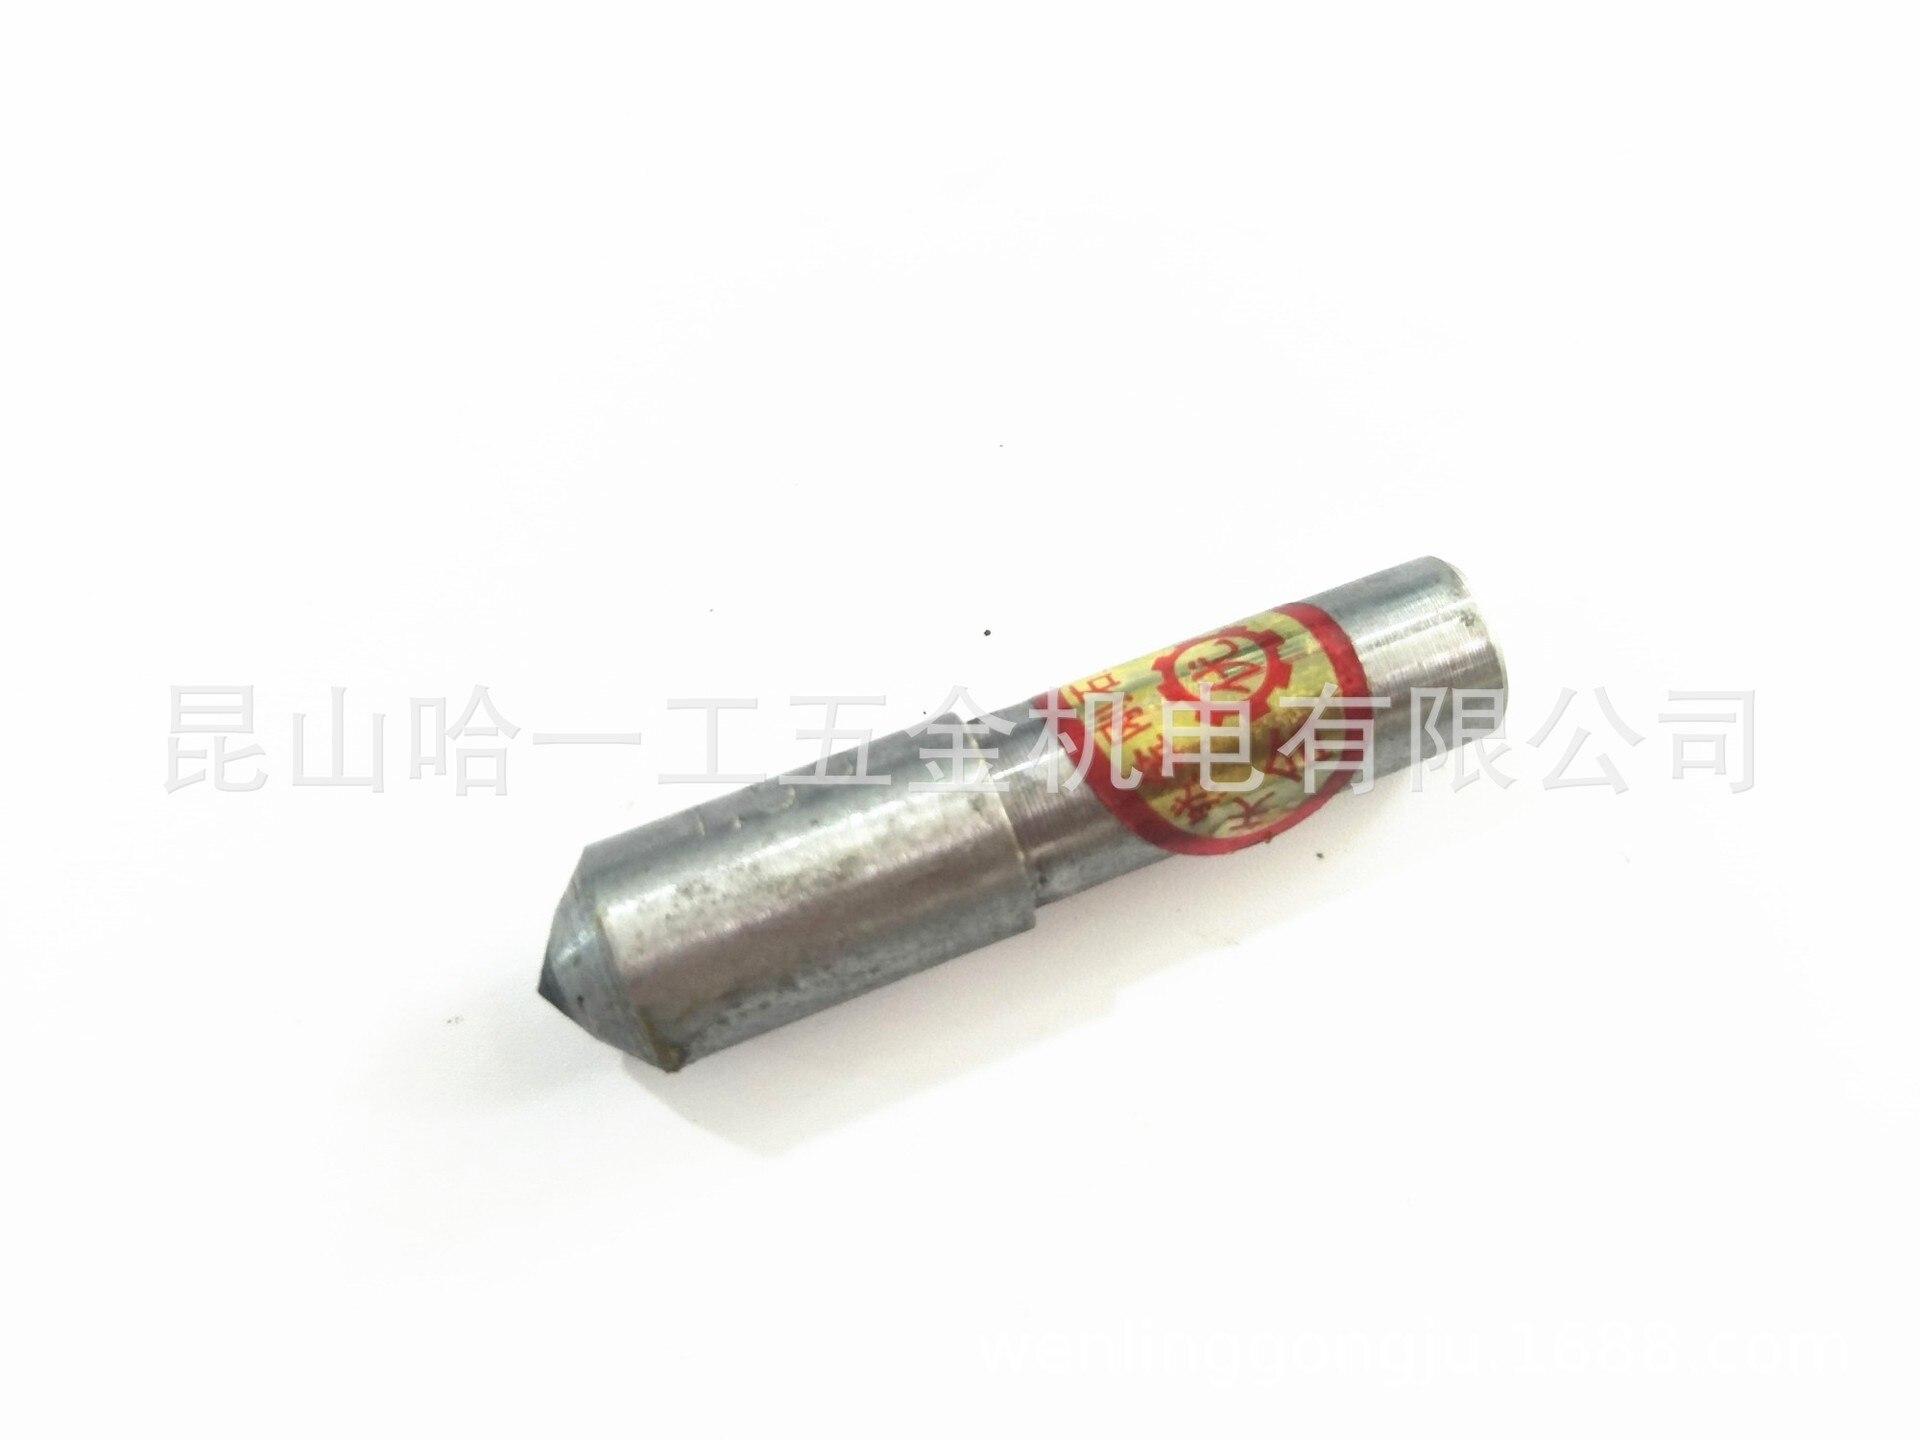 Diamond Pen Xian Shi Bi Pedicure Knife Grinding Wheel Repair Slate Pencil Xi Shi Bi Gold Fountain Pen Correction Pen